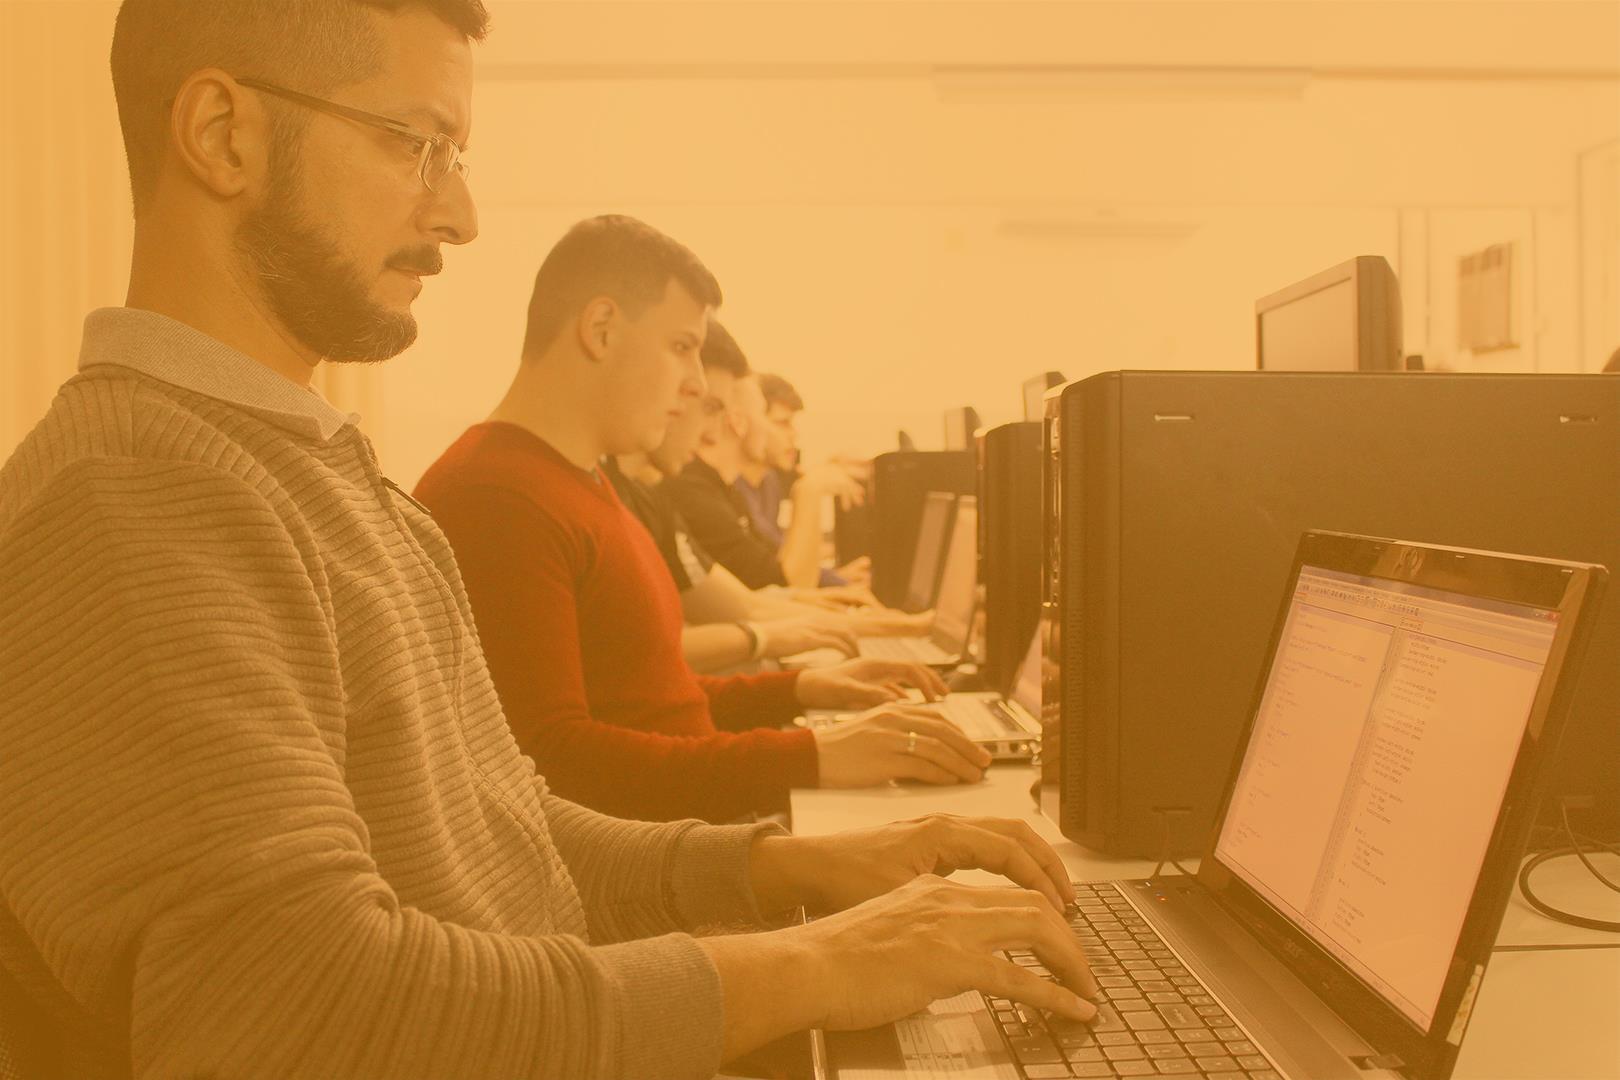 Curso Técnico em Informática está com turma completa